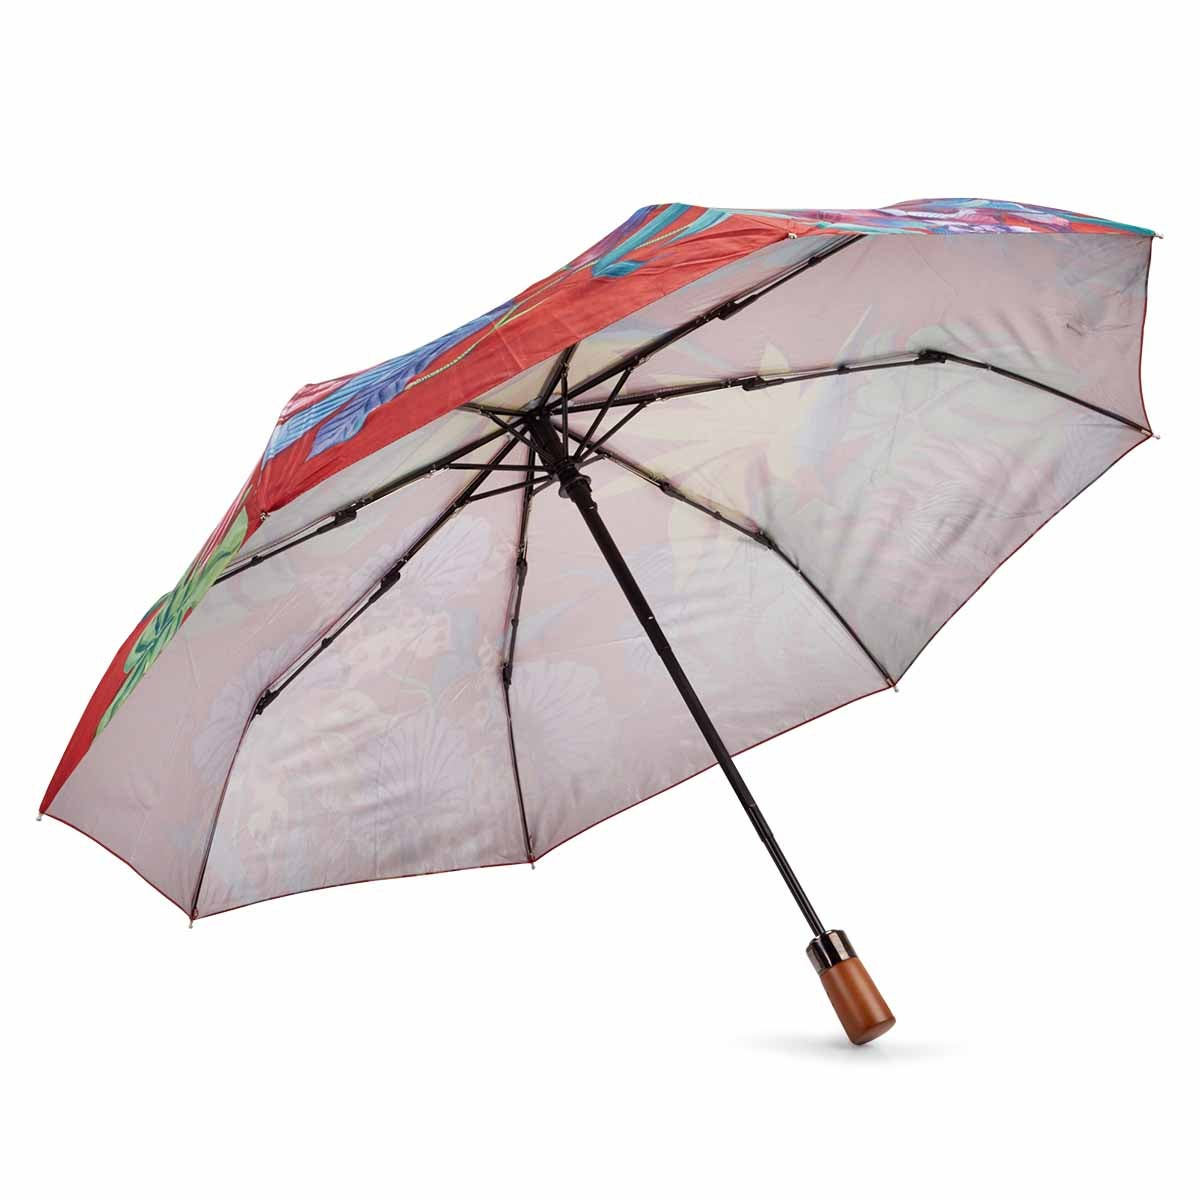 Anuschka ISLAND ESCAPE umbrella